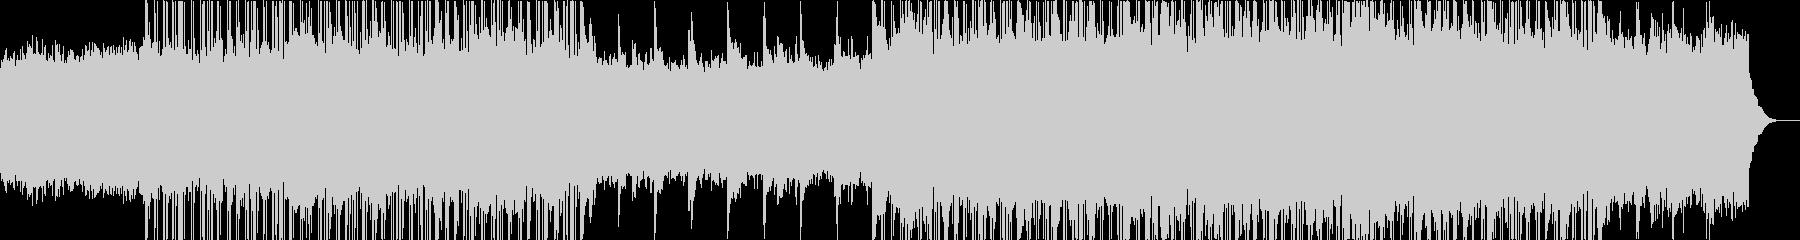 雄大なチルアウトミュージック。の未再生の波形